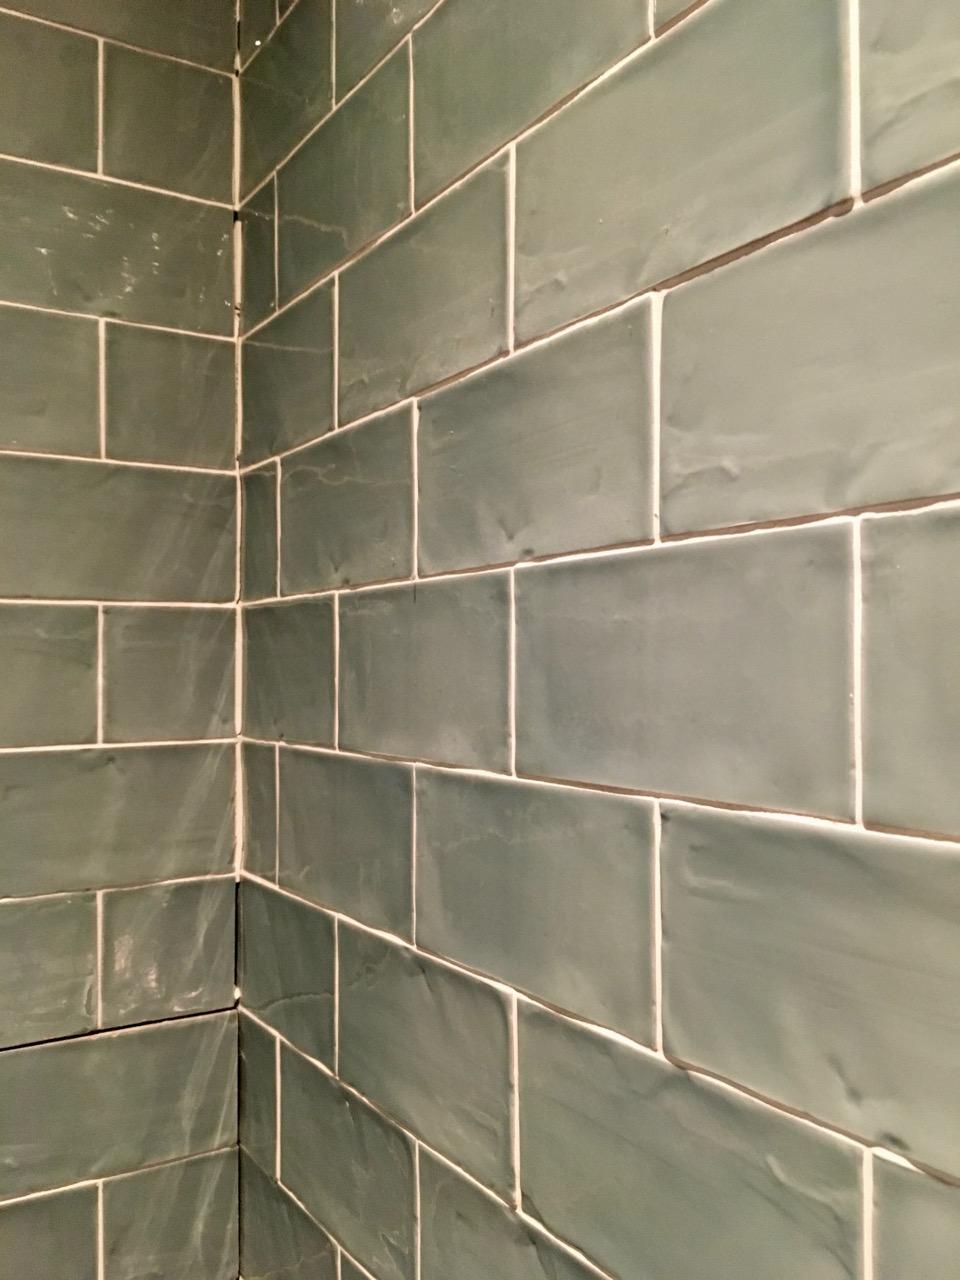 Tiles - gorgeous